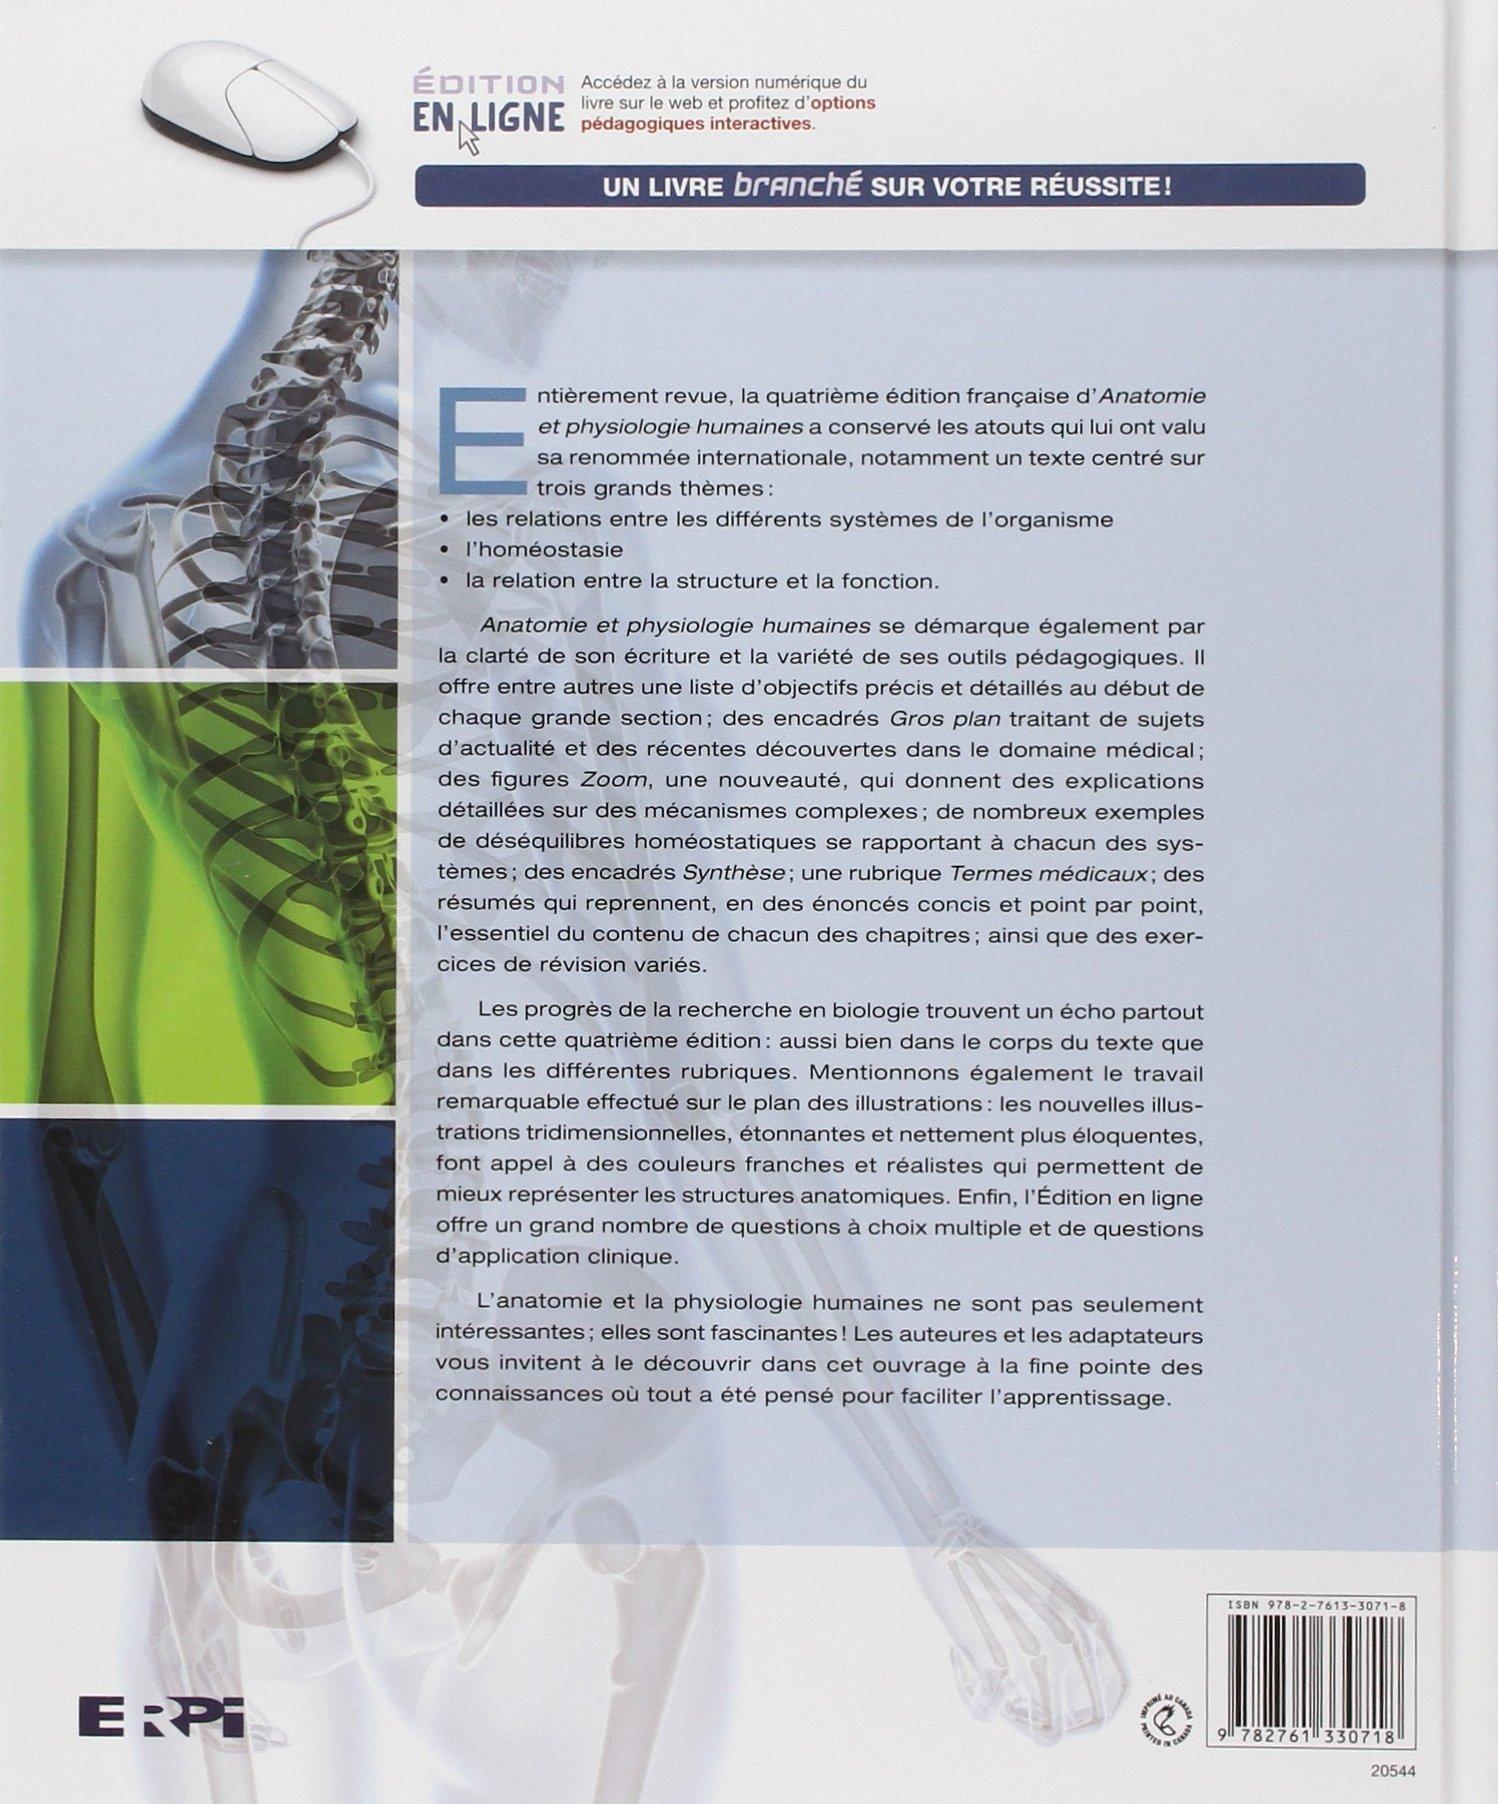 Anatomie et physiologie humaines: Amazon.co.uk: Elaine N. Marieb ...